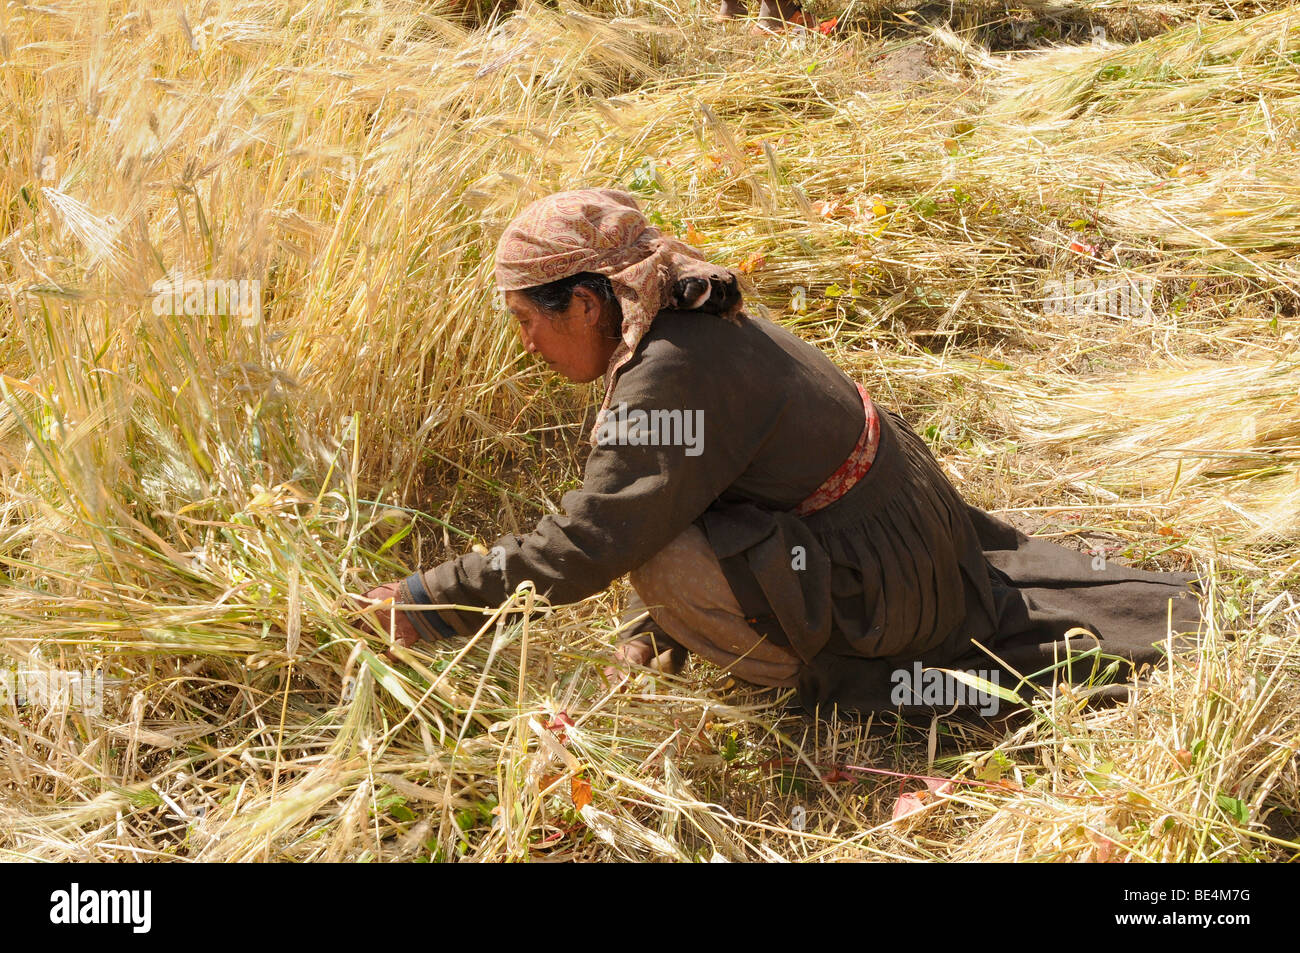 Ladakhi woman harvesting barley with a sickle, Chemre, Ladakh, India, Himalayas, Asia - Stock Image